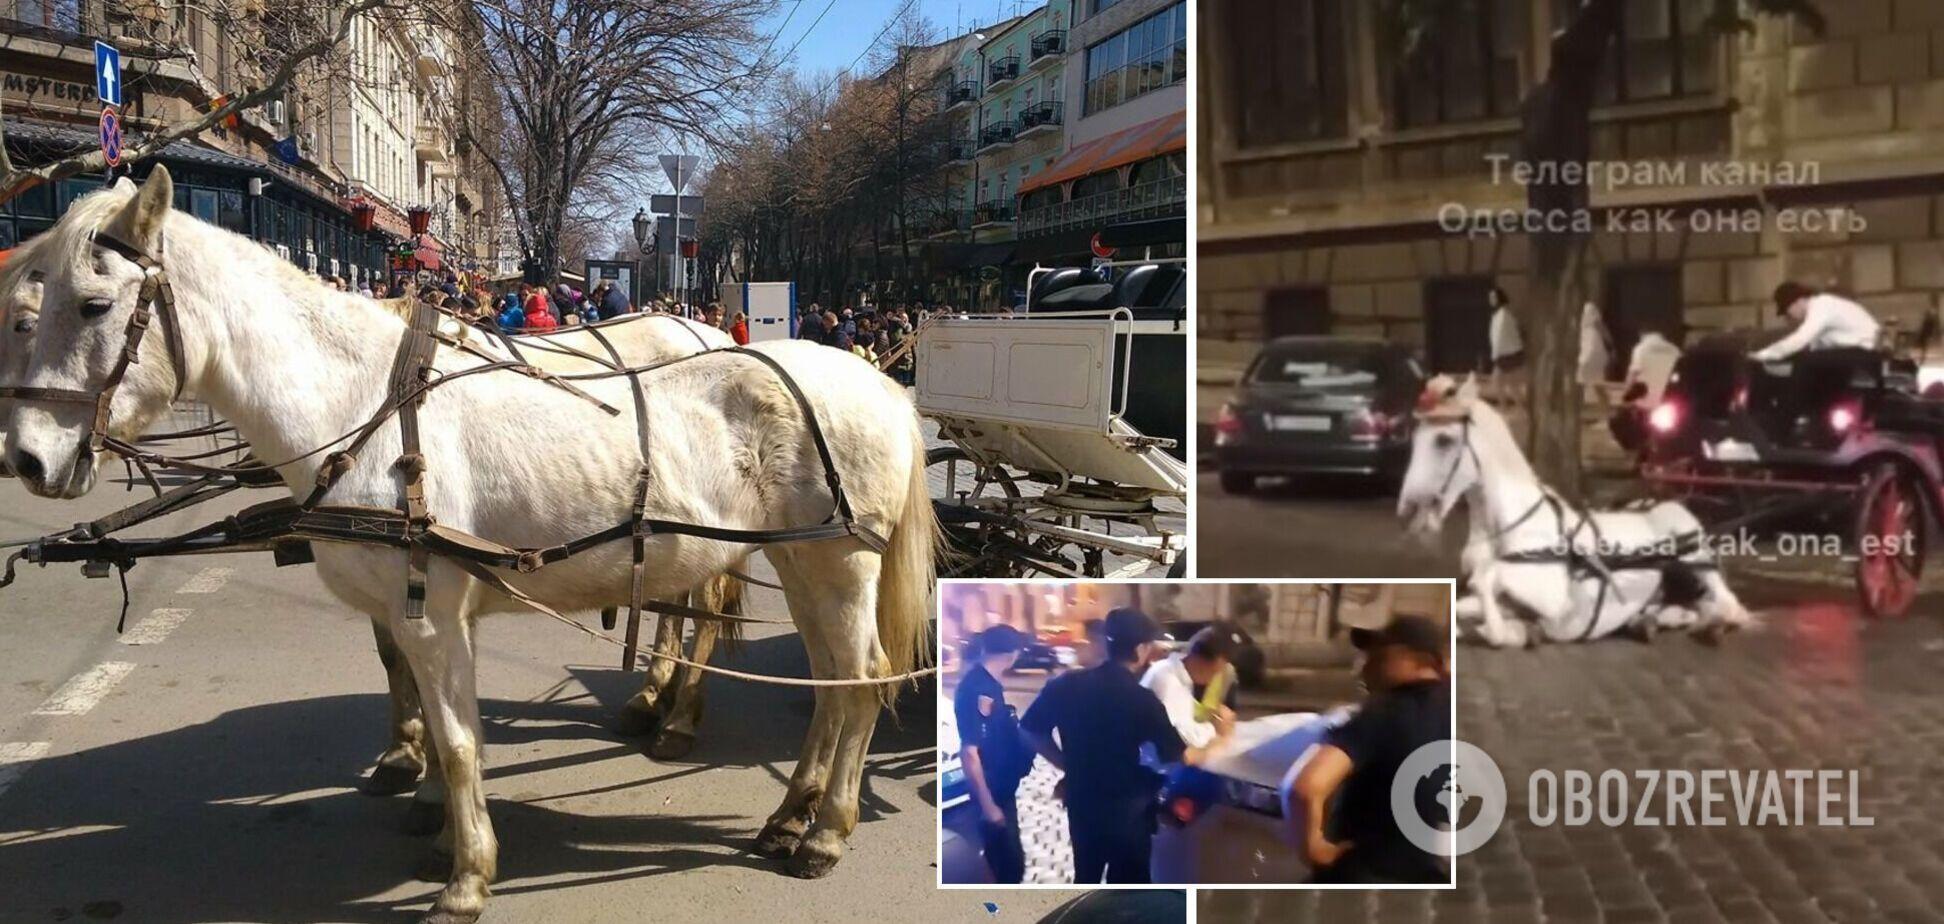 В центре Одессы лошадь повредила ногу и упала посреди дороги: владельца обвинили в жестокости. Видео